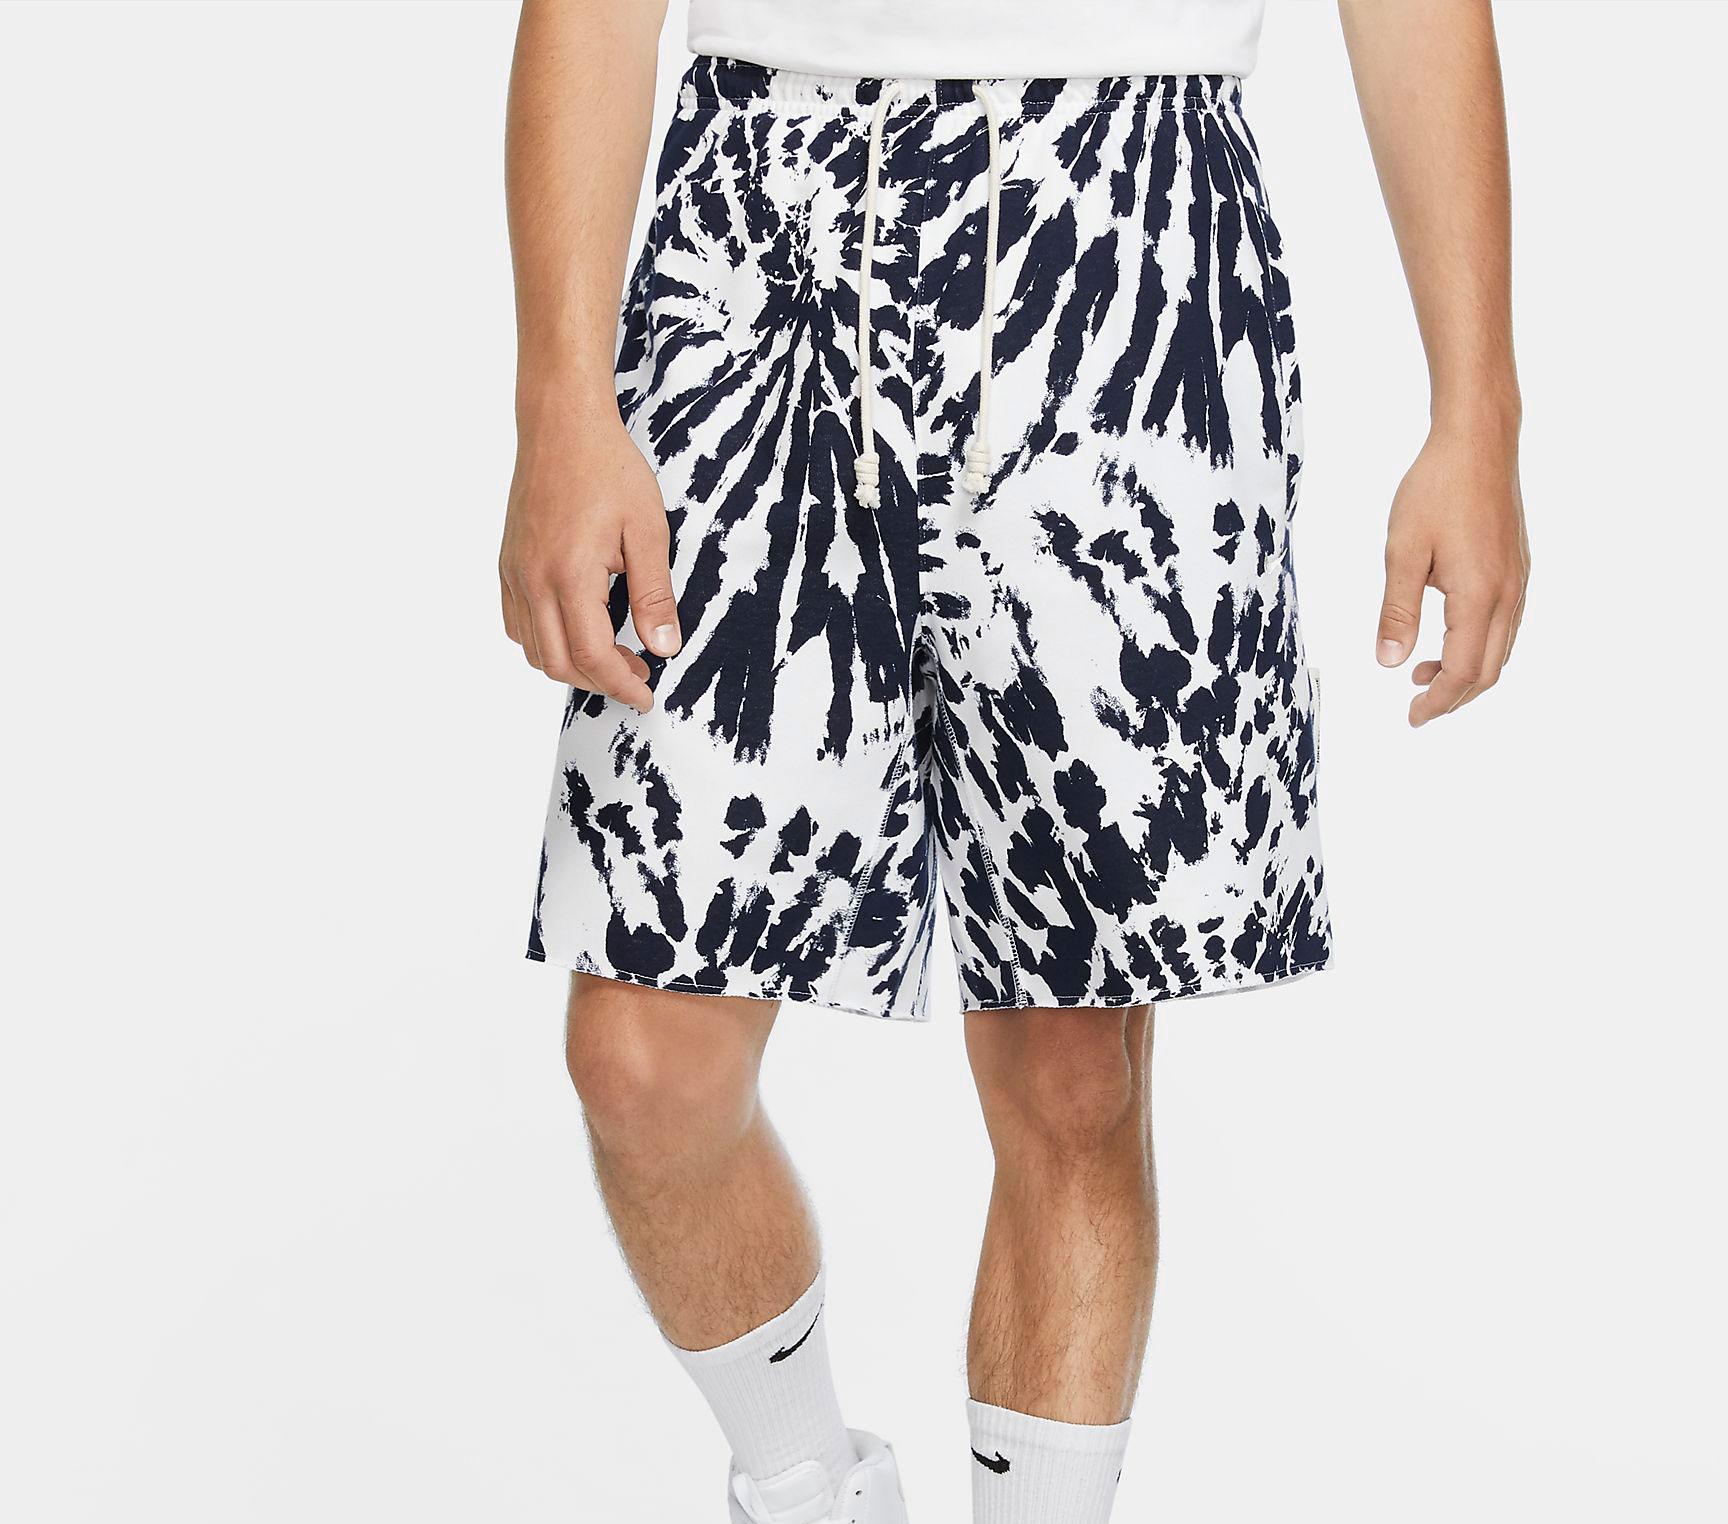 nike-lebron-17-graffiti-cold-blue-shorts-match